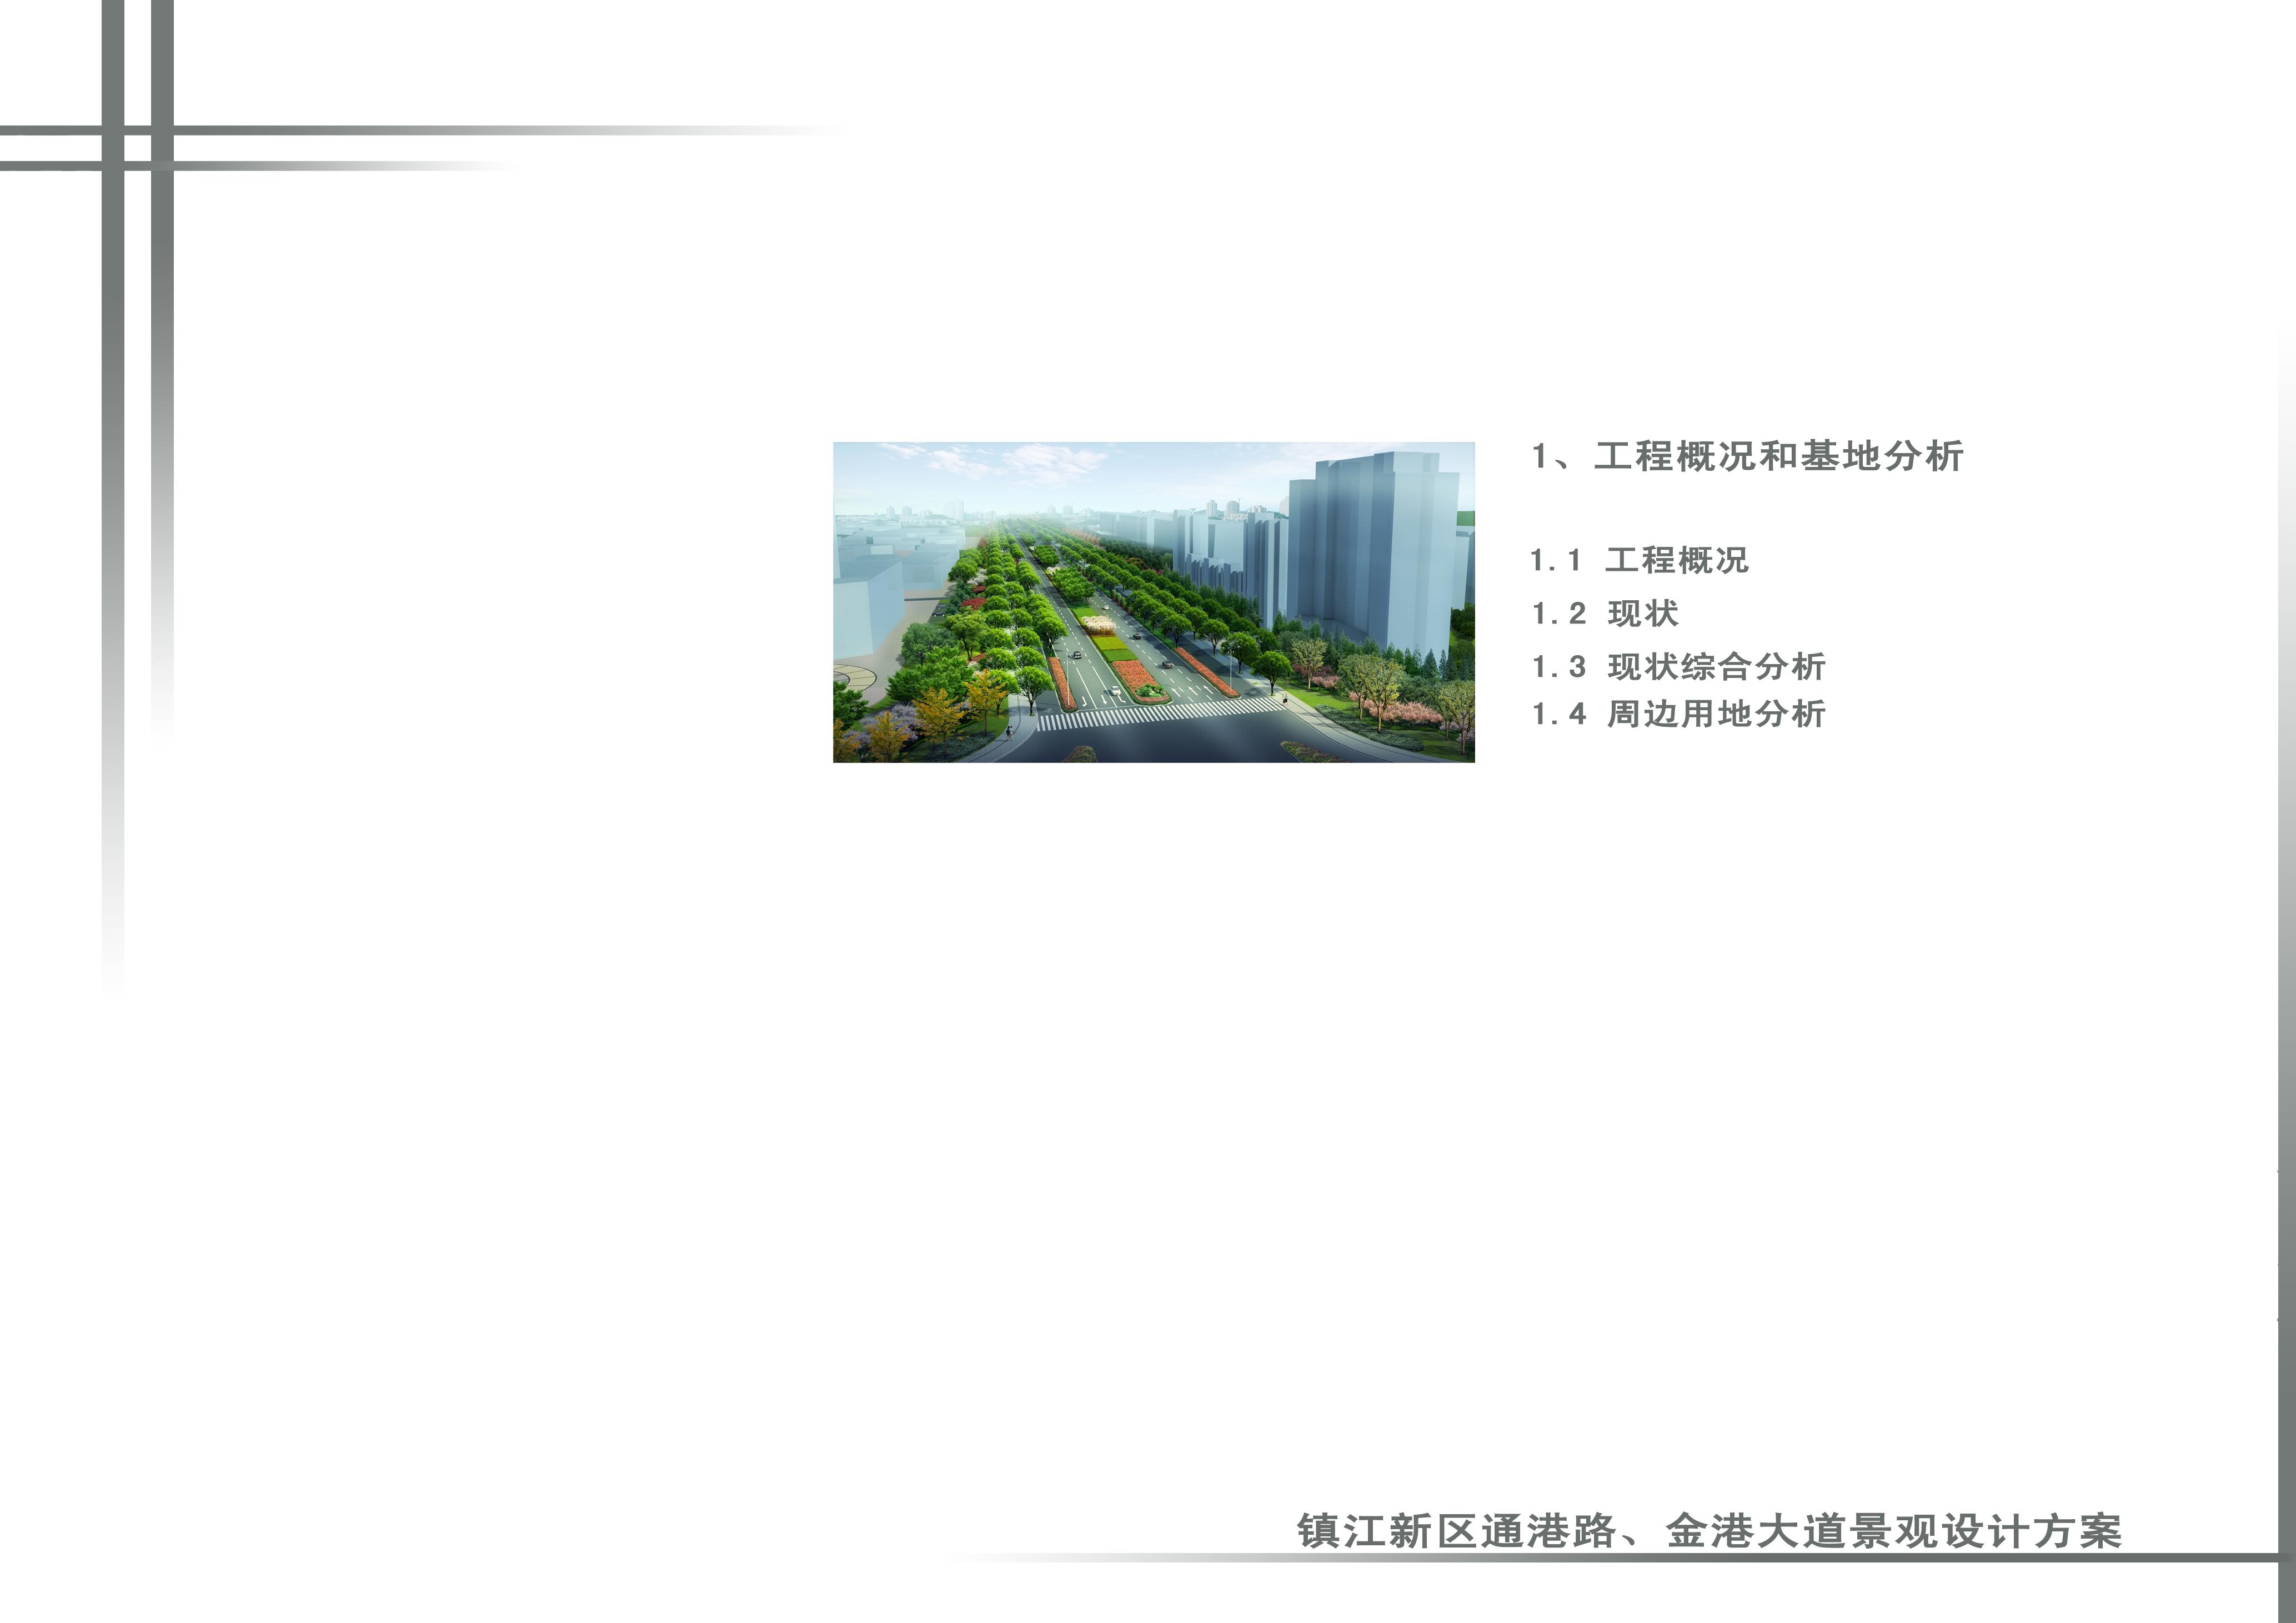 """[江苏]""""岛屿状""""绿化种植滨江特色城市廊道景观规划设计方案2014图片1"""